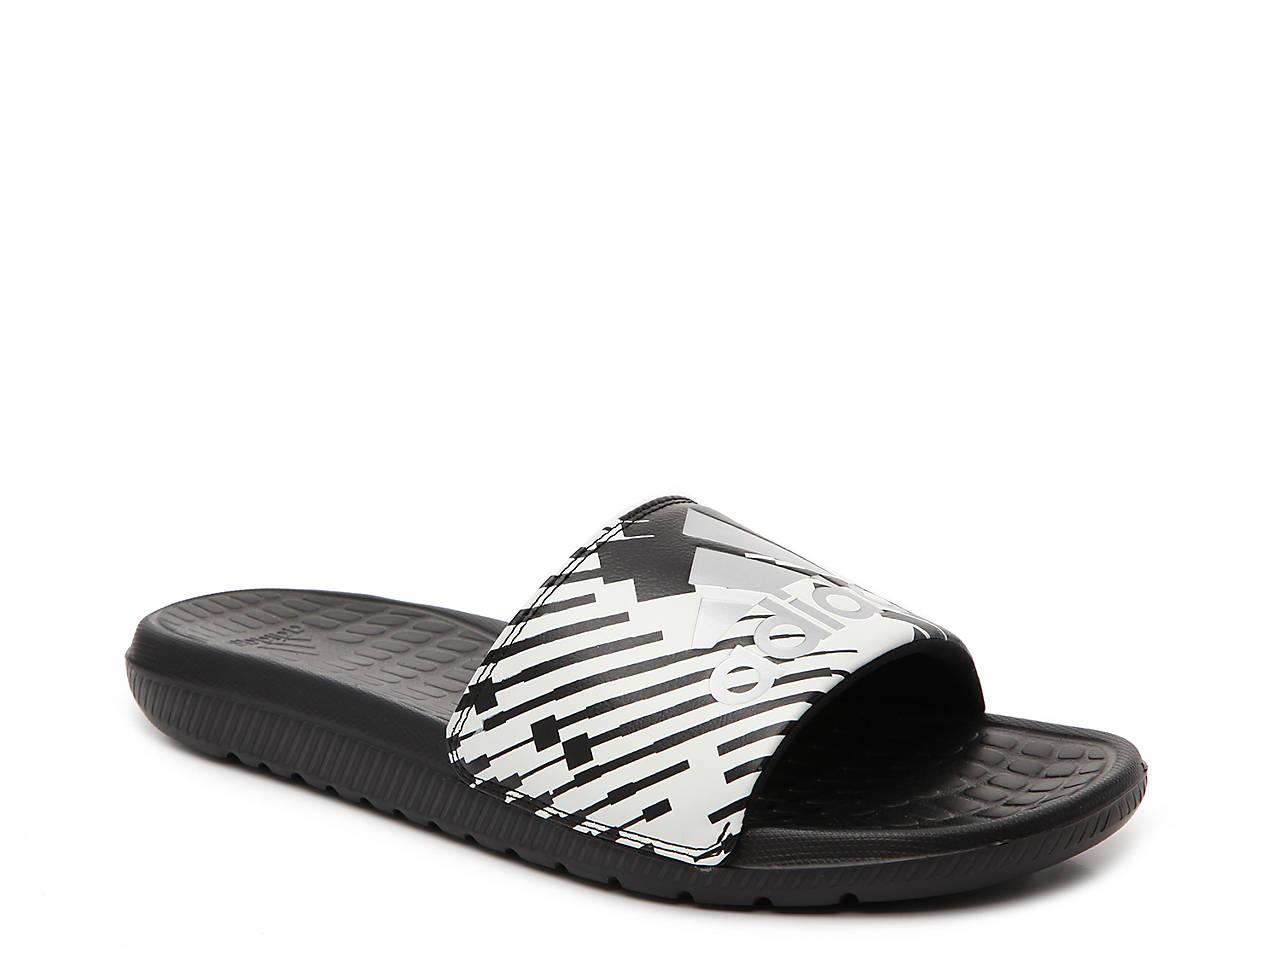 97a56d50c994 adidas Voloomix GR Slide Sandal - Men s Men s Shoes